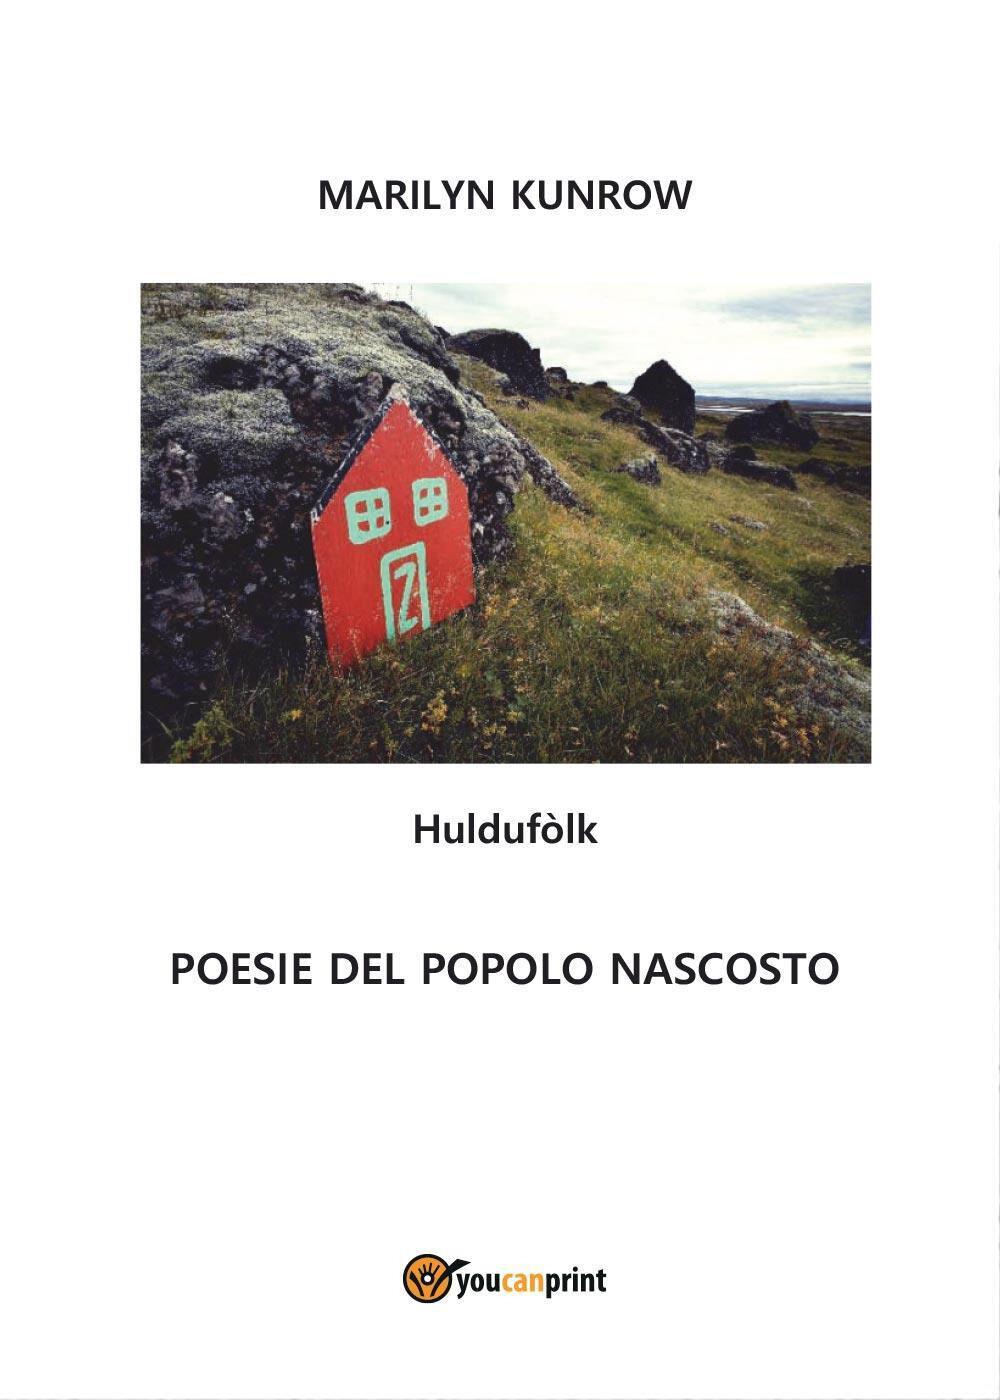 Huldufòlk. Poesie del popolo nascosto